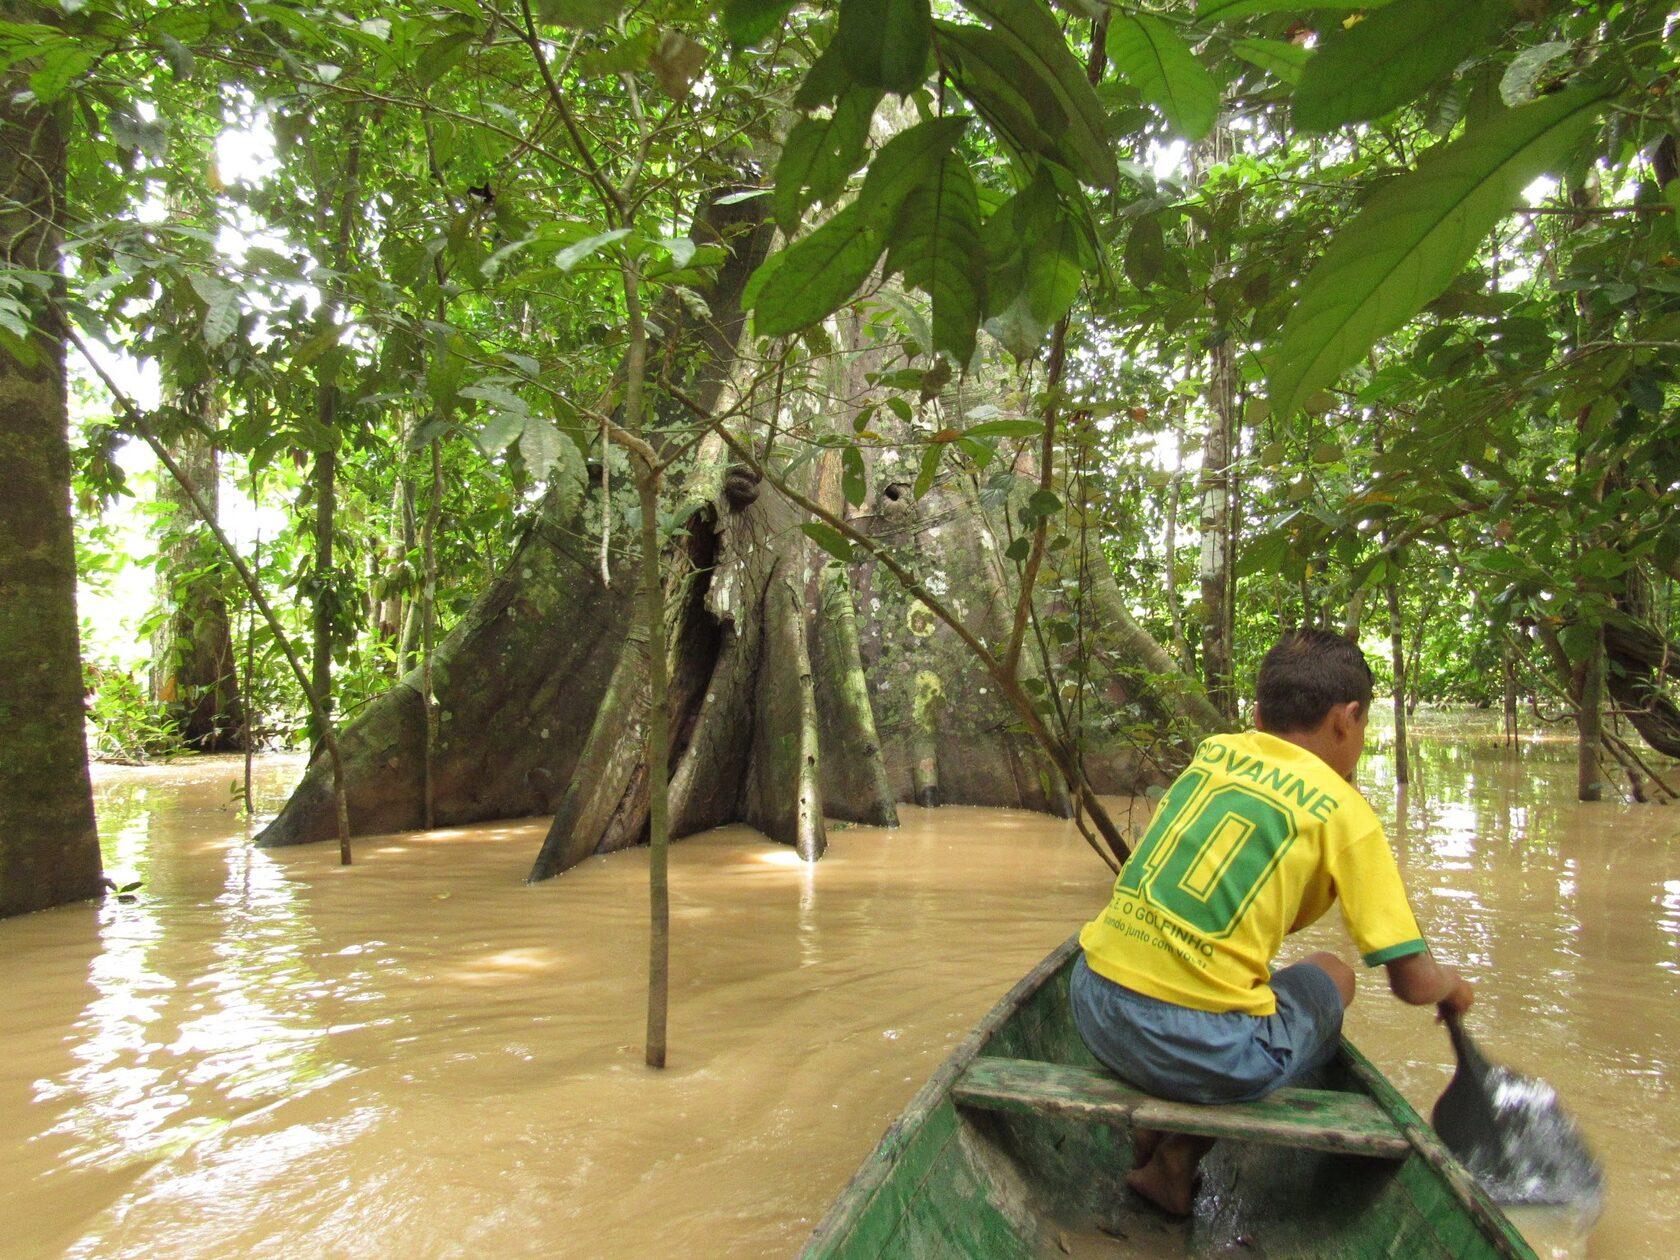 Extrativista do Vale do Juruá, no Acre, navega por igarapé em busca do cacau silvestre (Foto: SOS Amazônia)